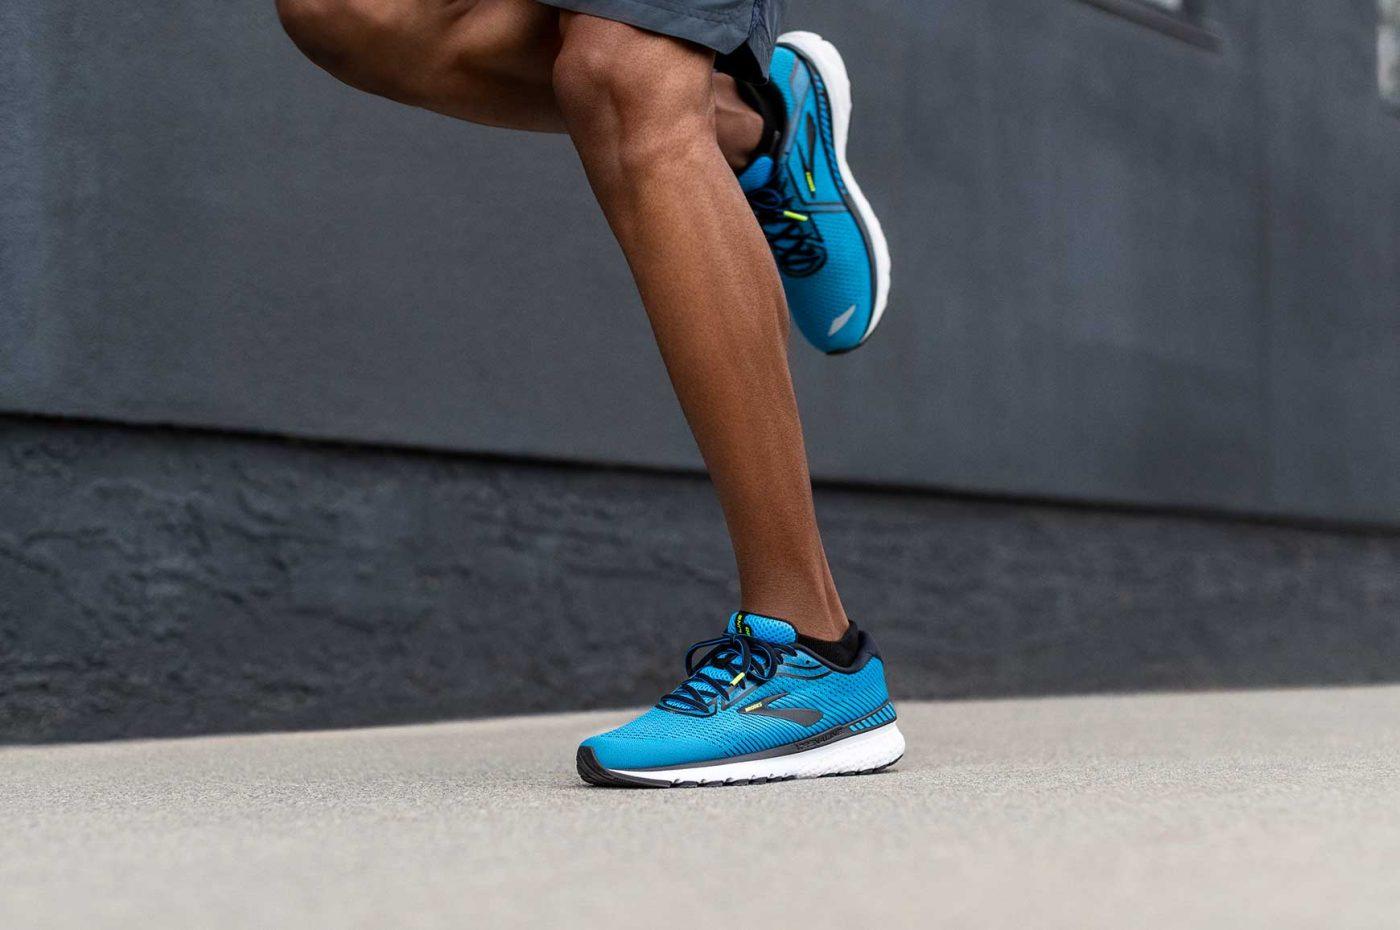 brooks-adrnaline-gts-20-chaussures-running-runpack-4